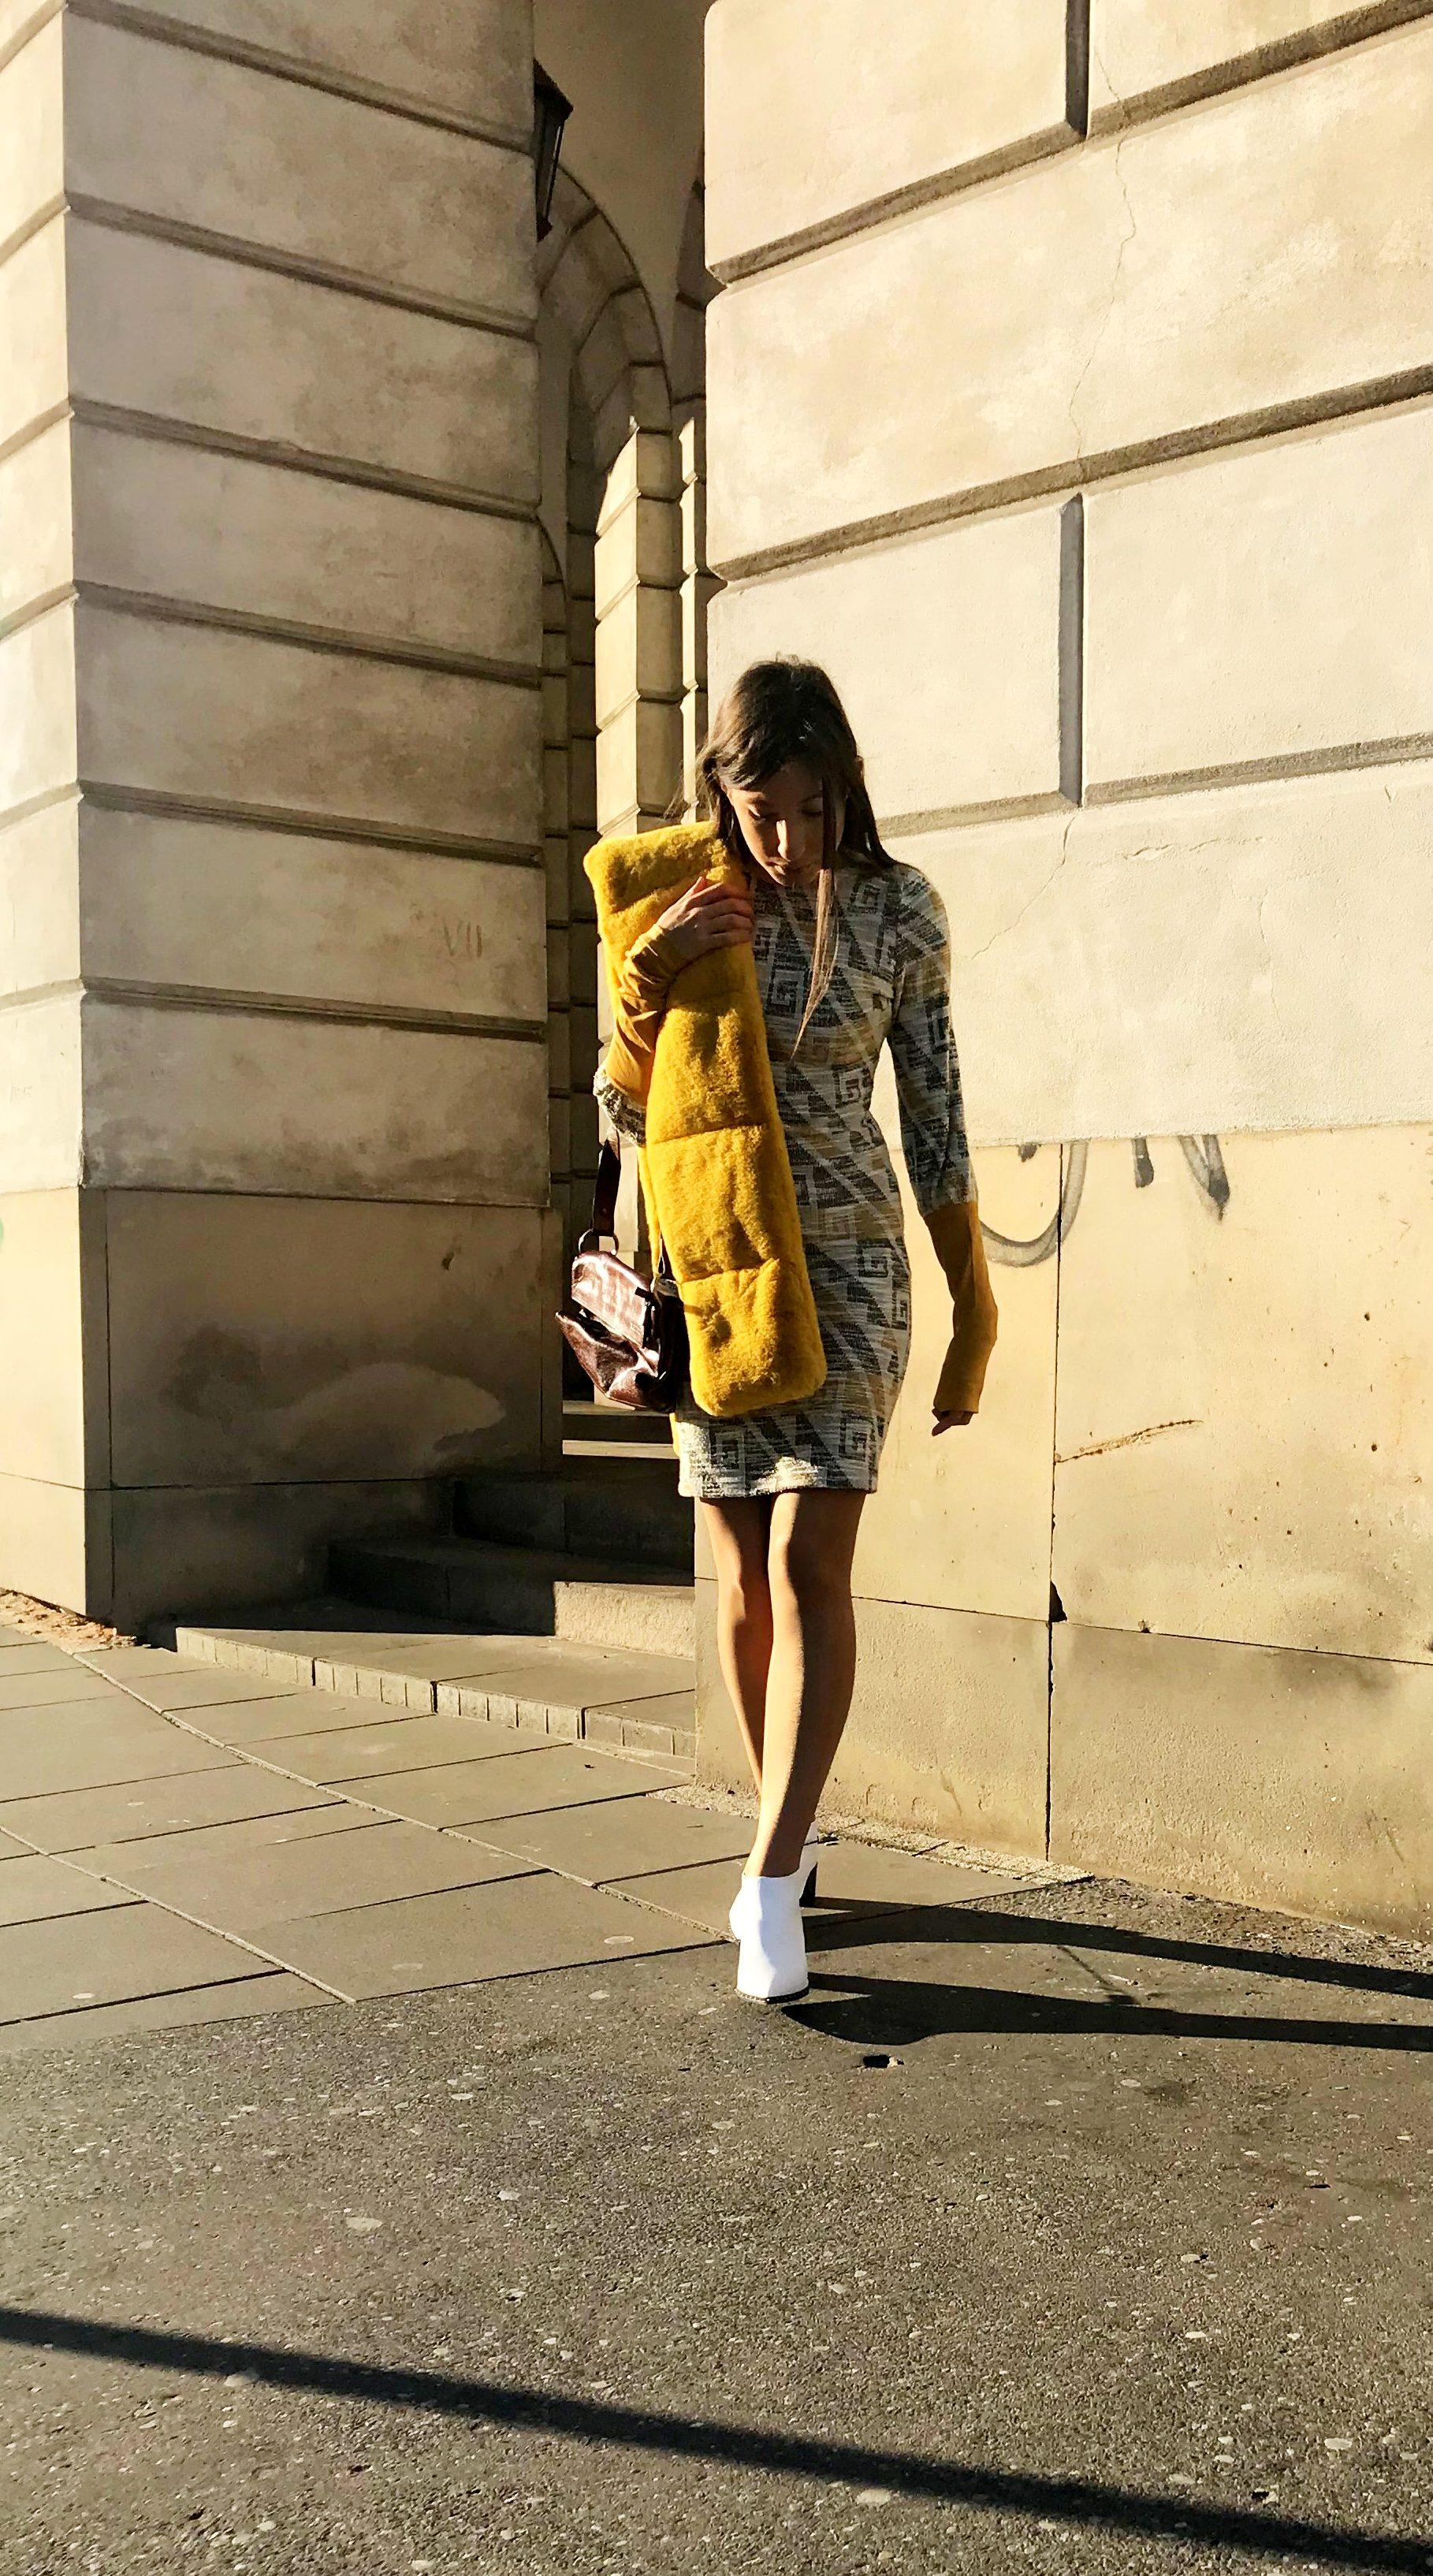 moda-damska-trendy-jesie%C5%84-2018-etol